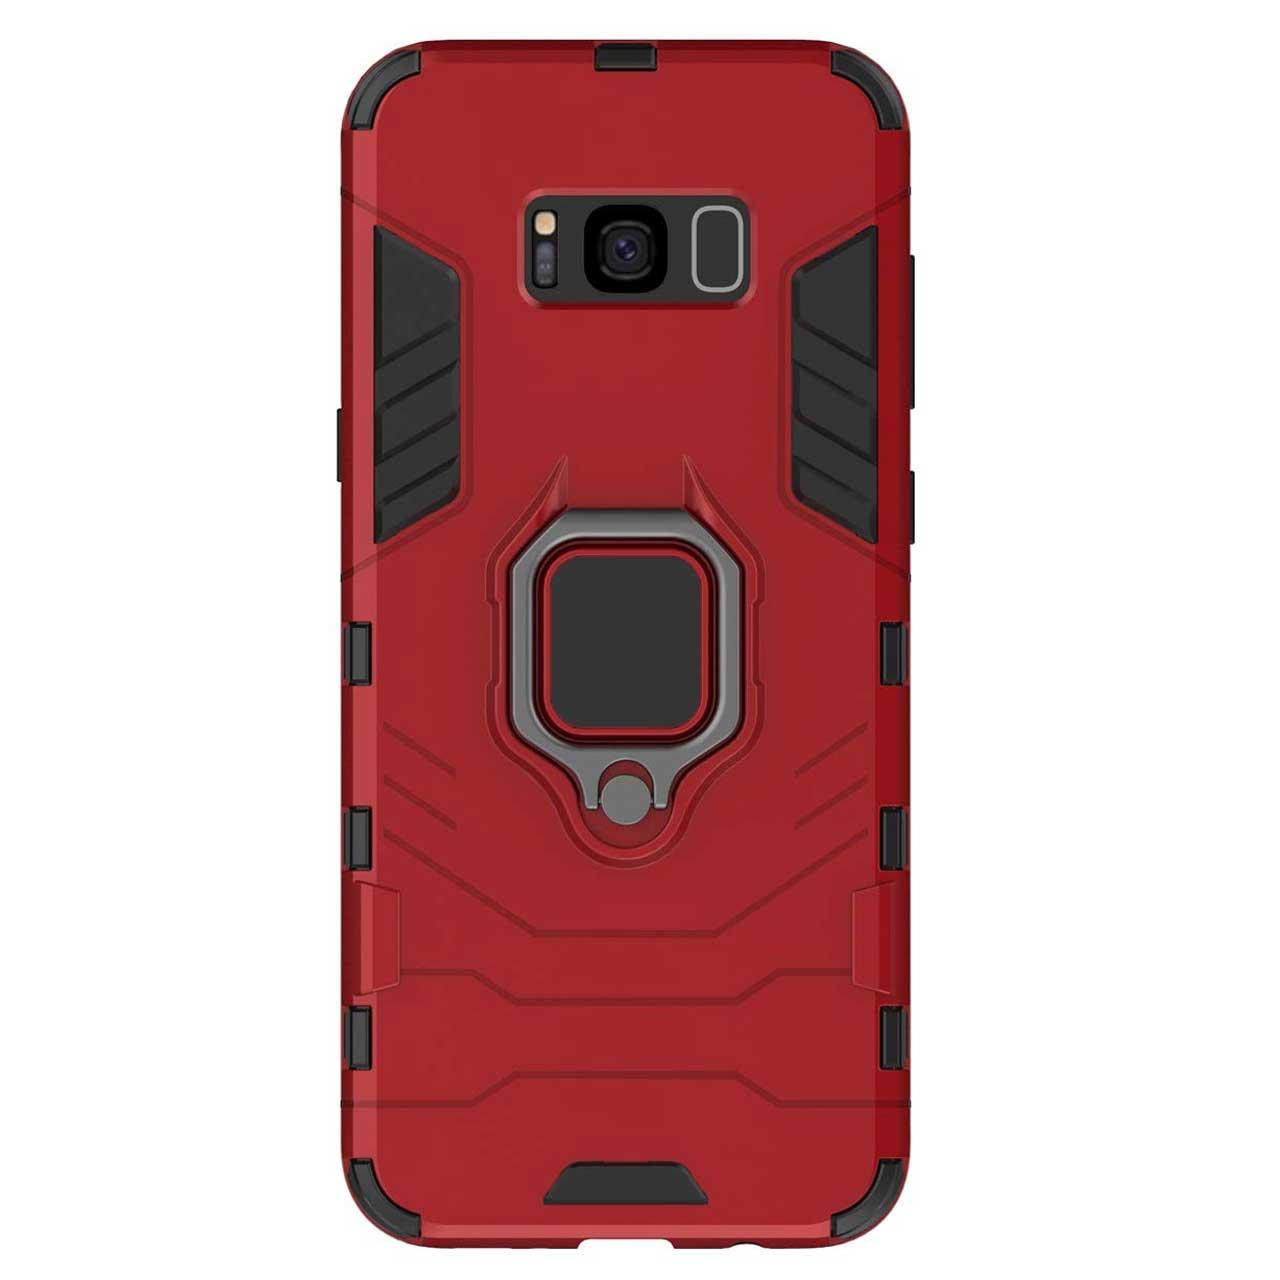 کاور کینگ کونگ مدل GHB01 مناسب برای گوشی موبایل سامسونگ Galaxy S8